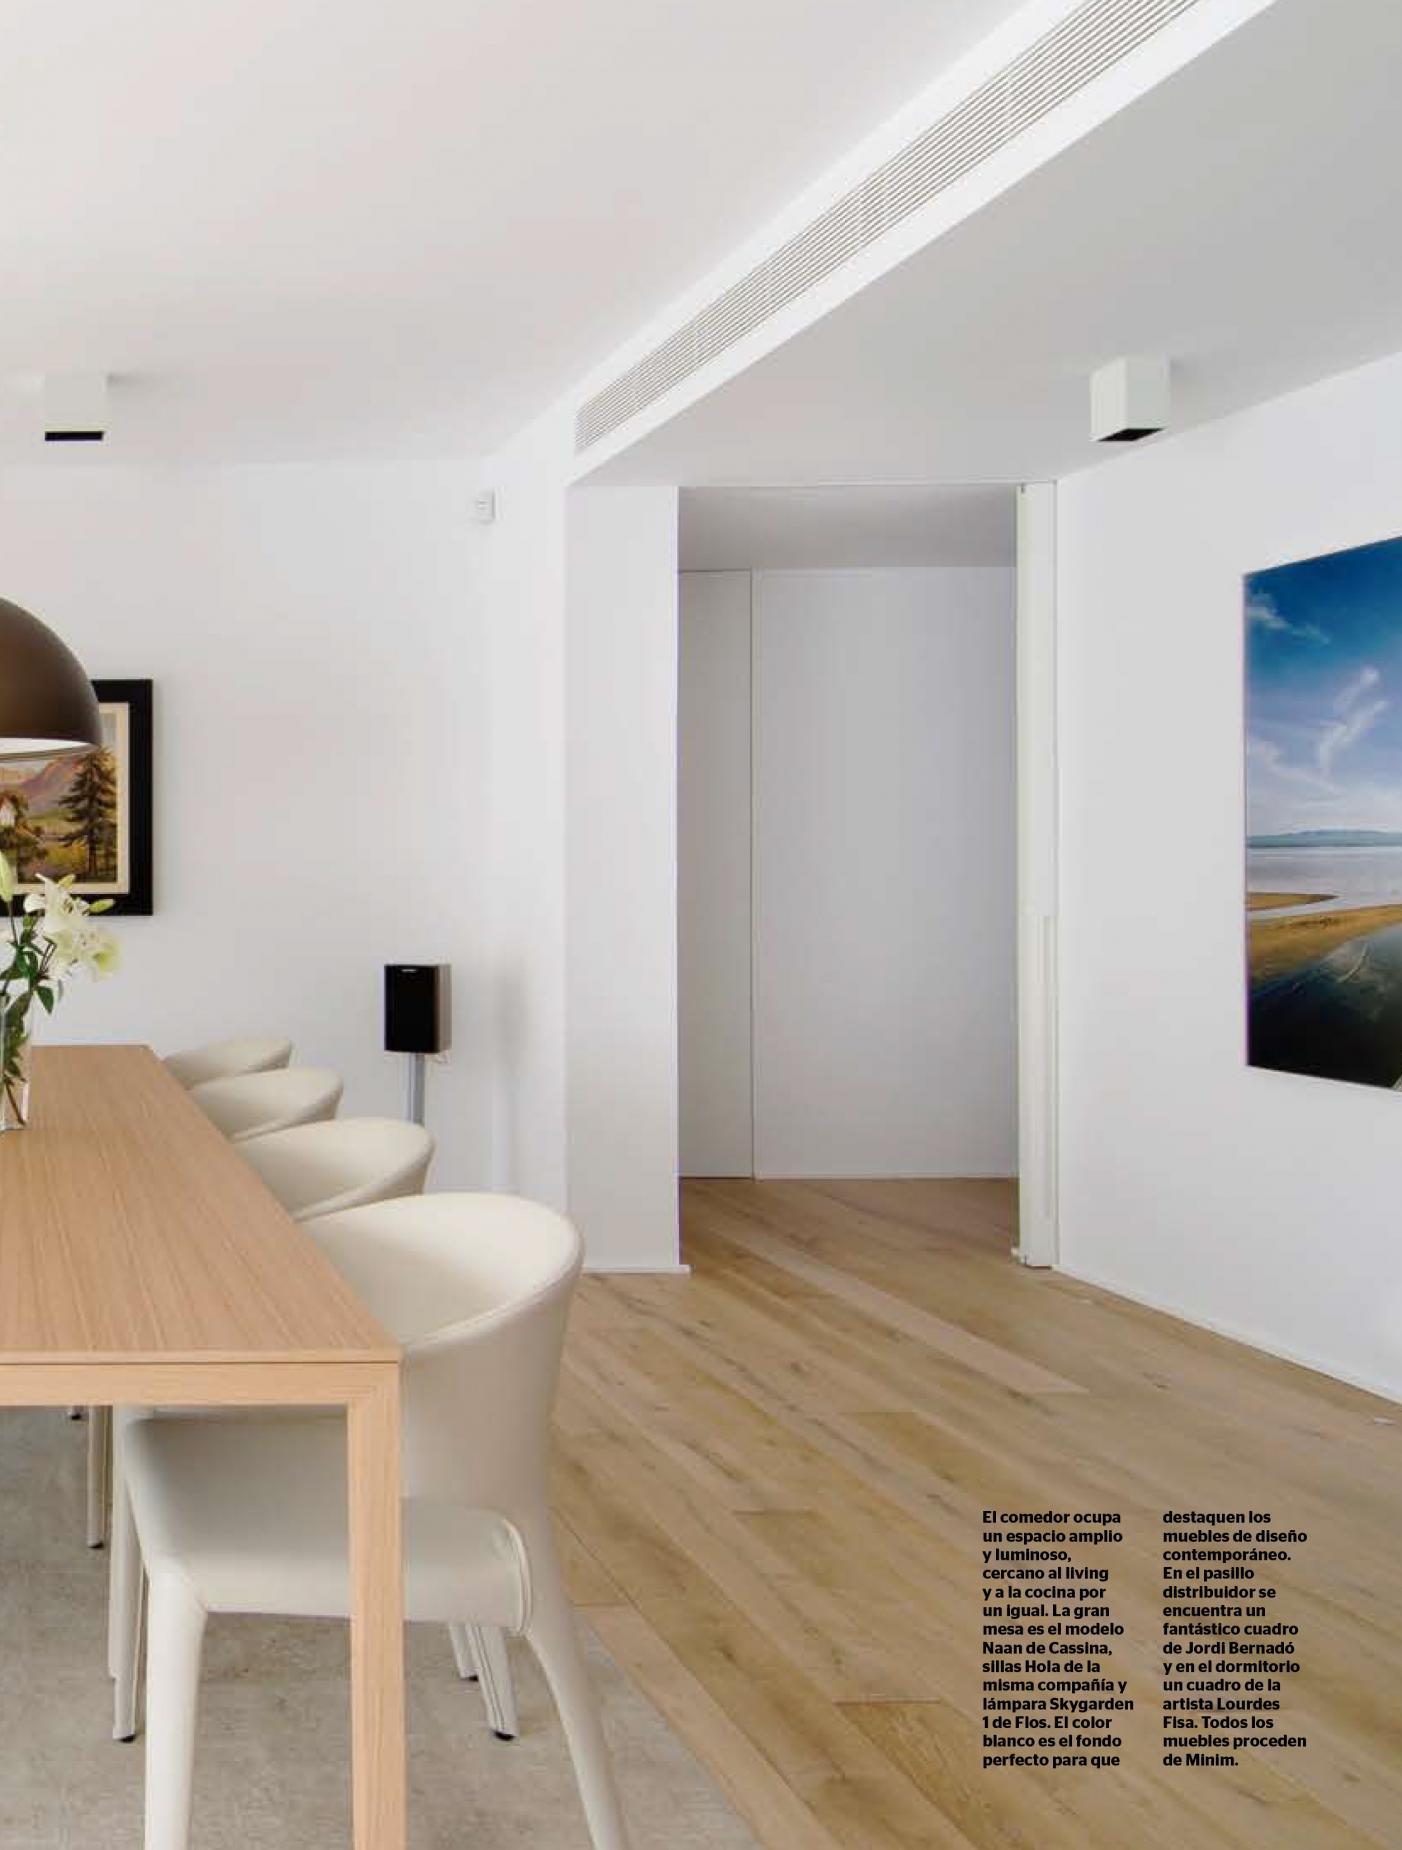 Casa Viva N 234 Vilablanch Estudio De Arquitectura Interior  # Muebles Lourdes